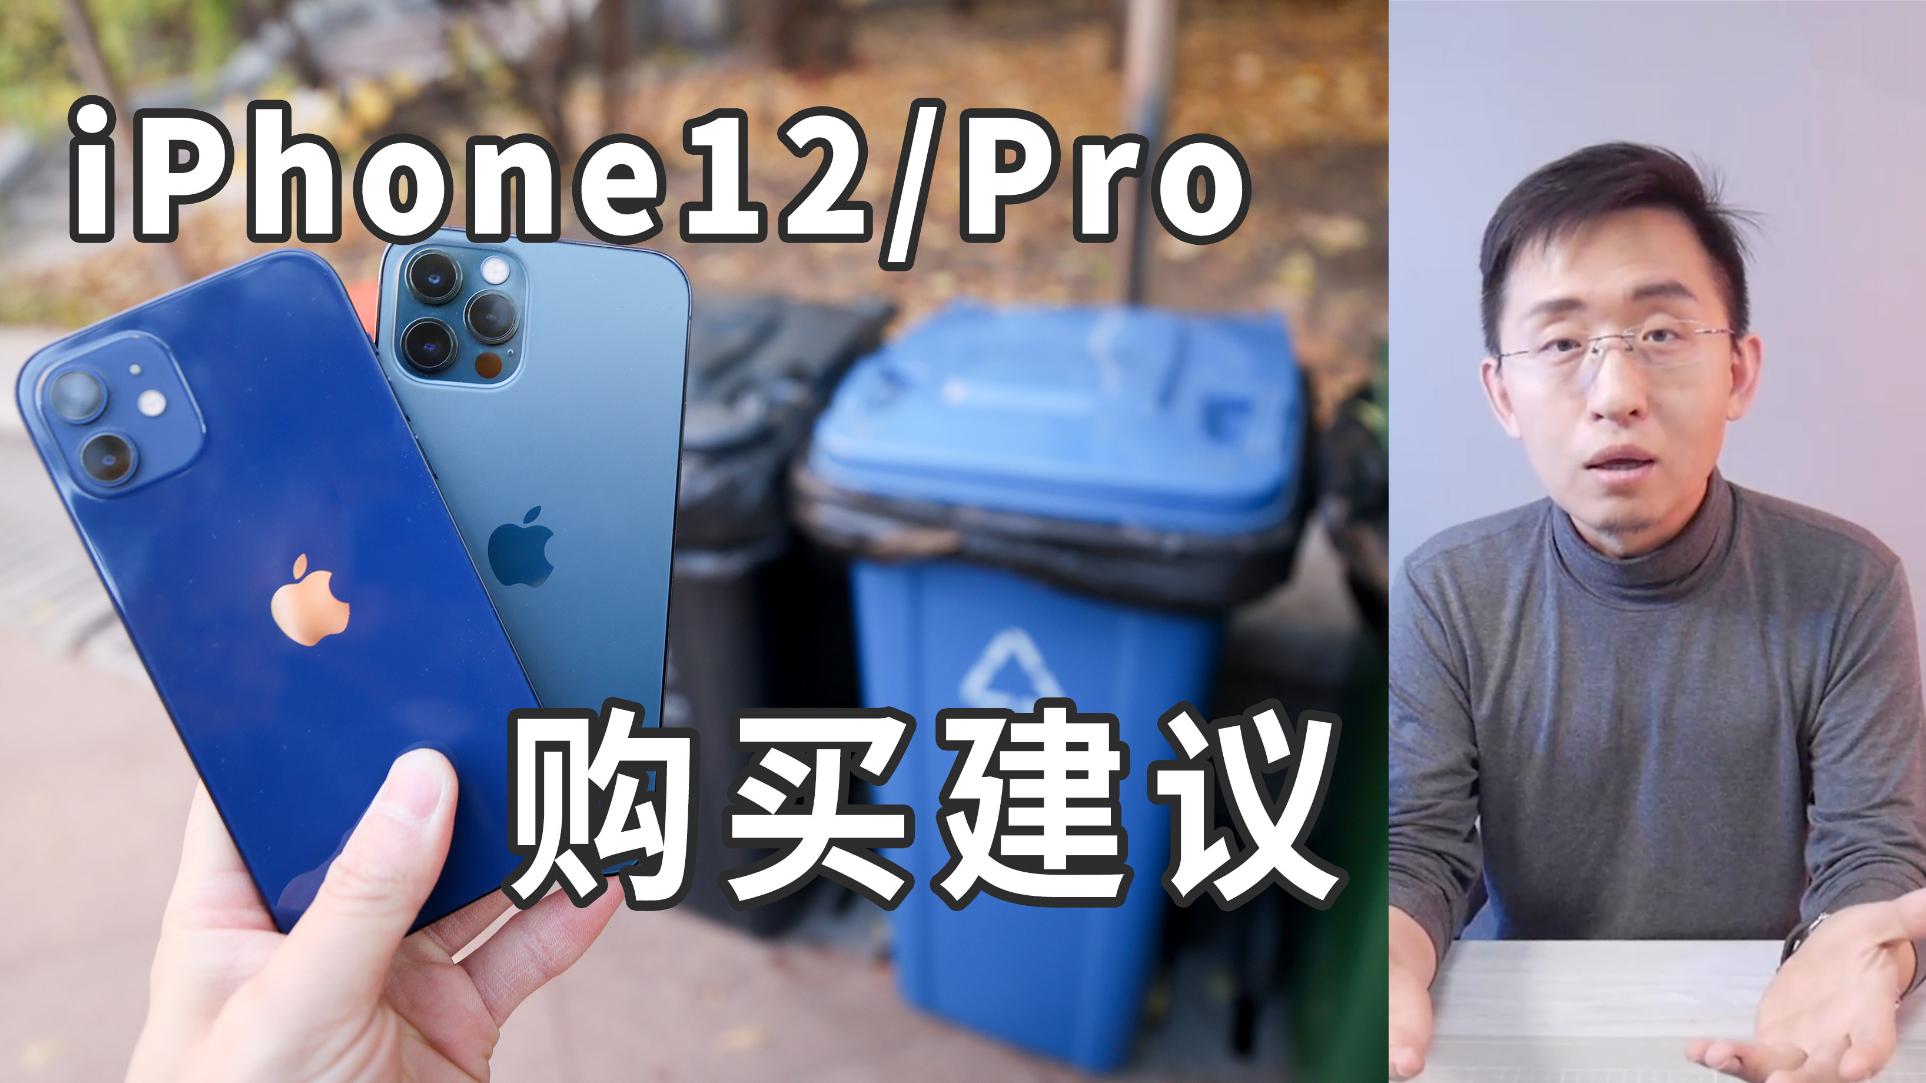 「科技美学直播」iPhone12/12Pro选购建议 | 实在忍不住?想购买?